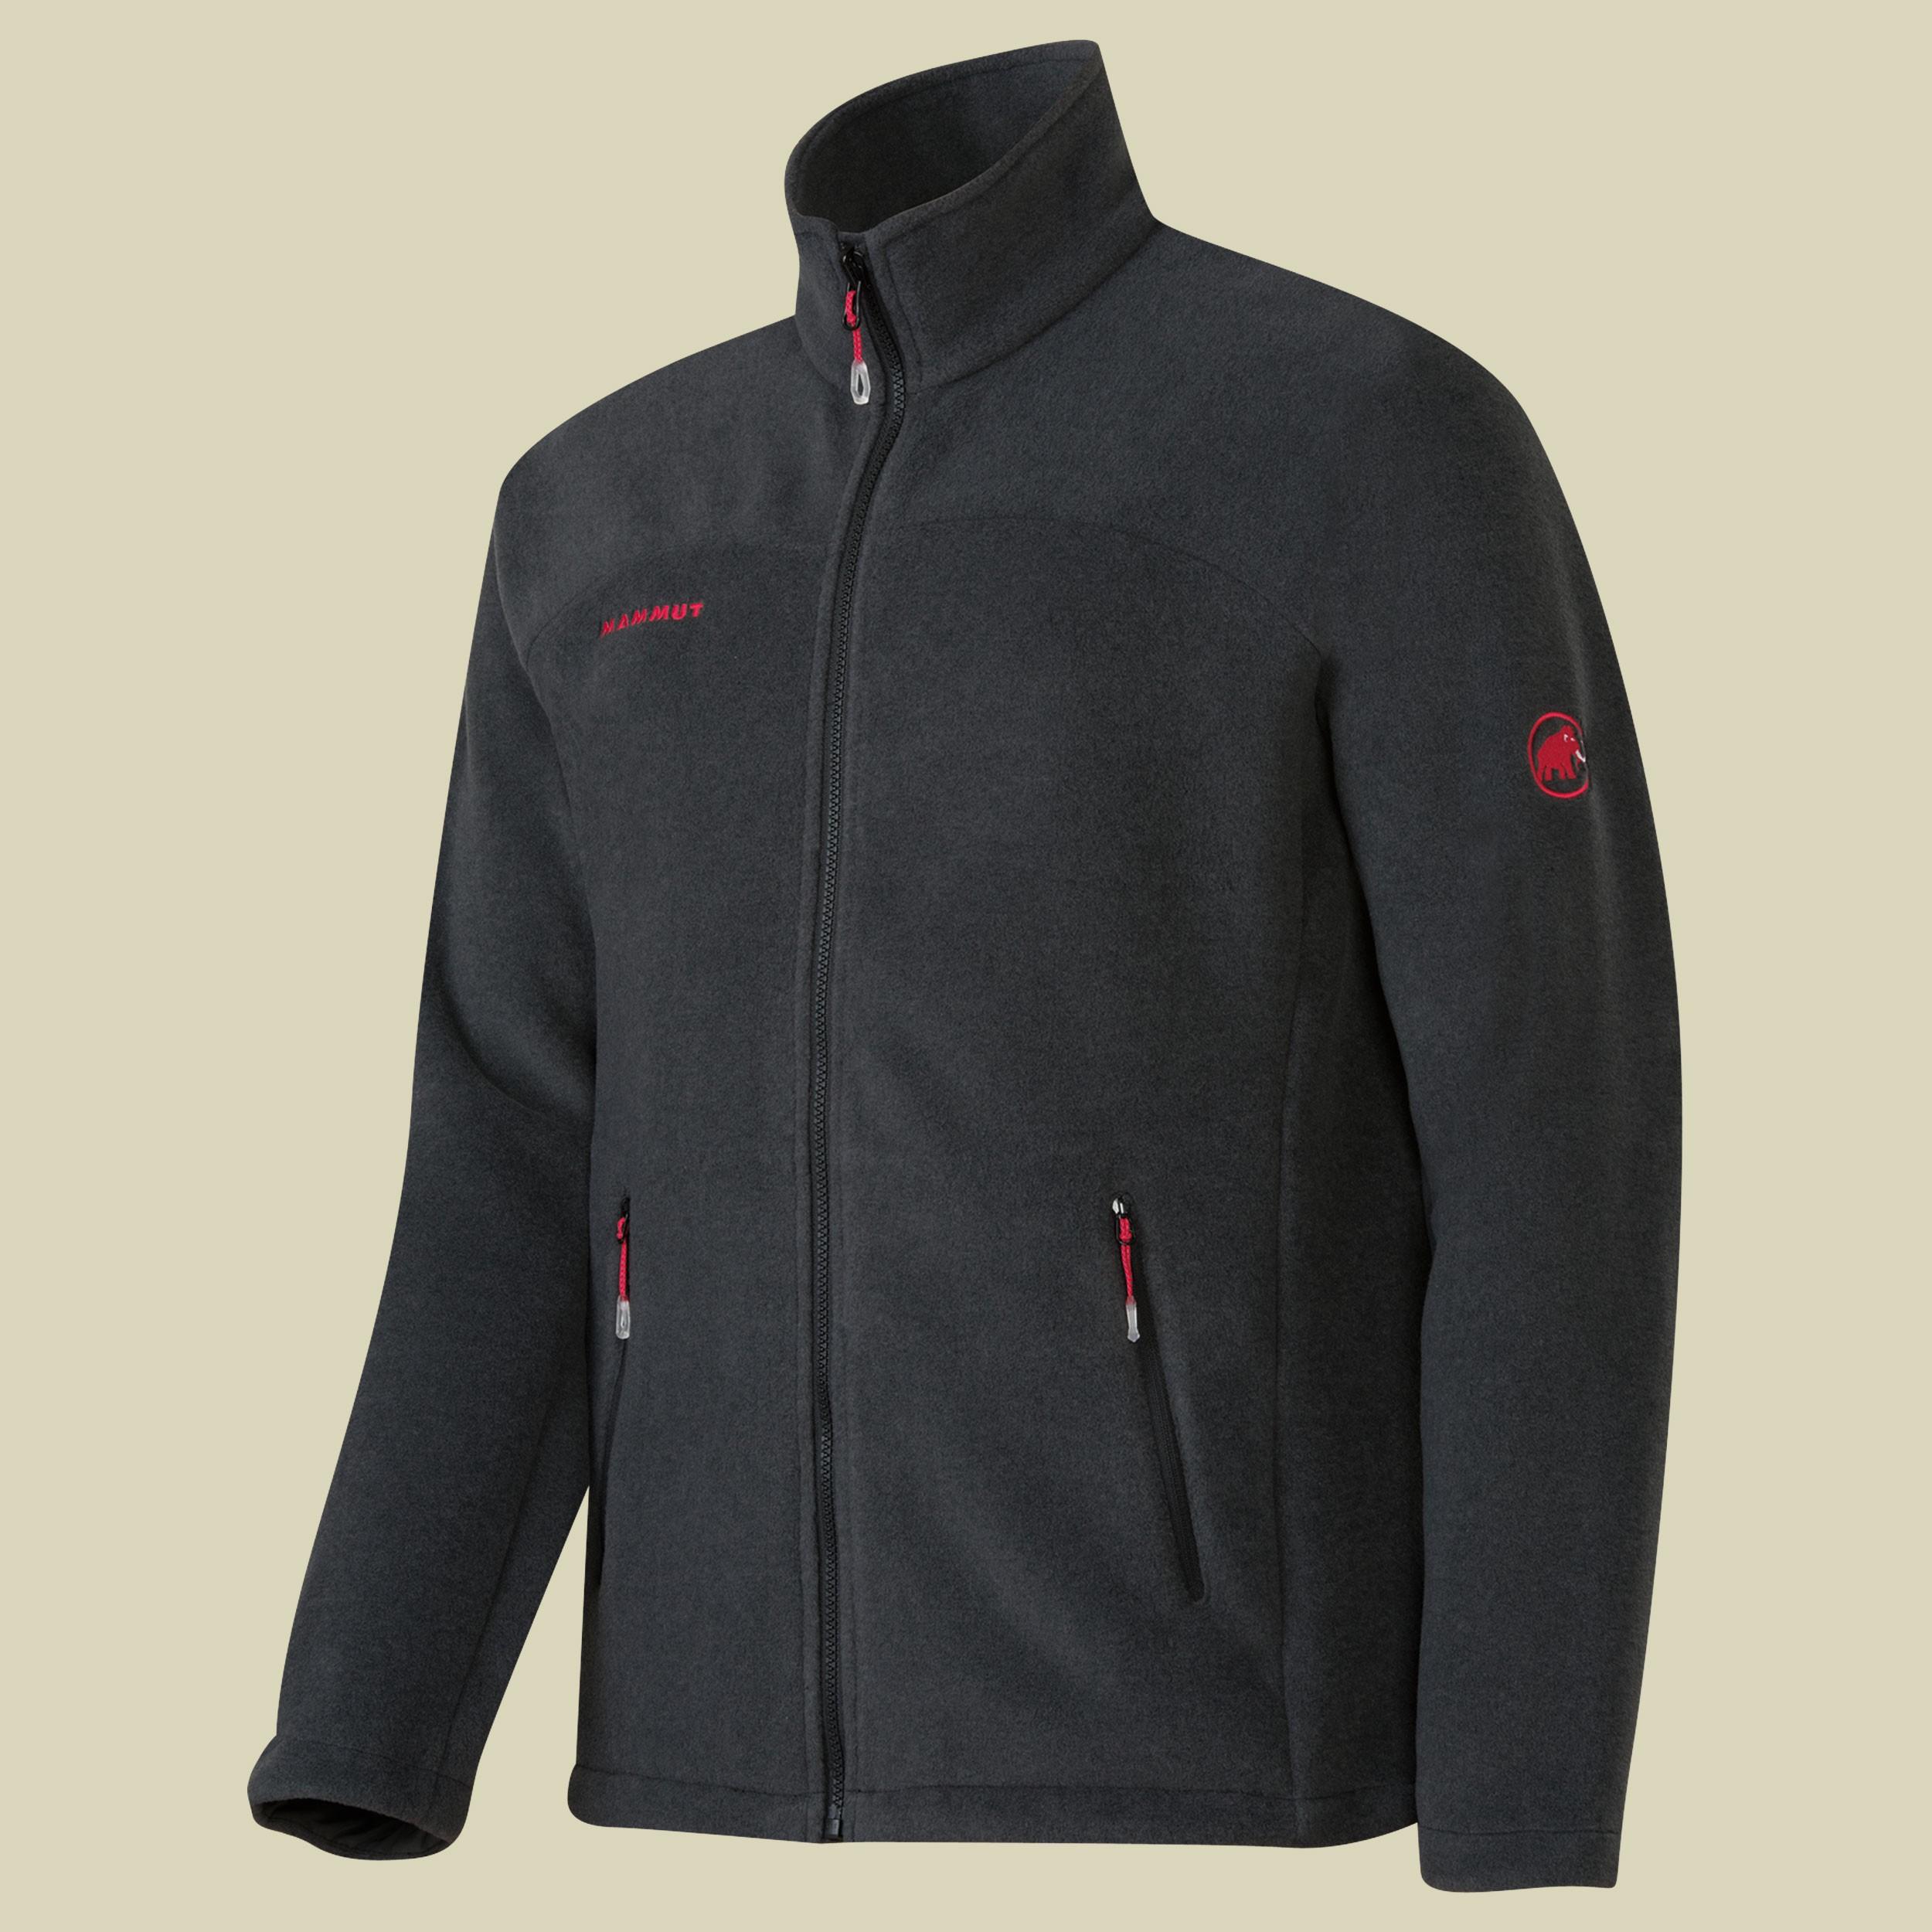 Brandneu neues Design Ausverkauf Mammut Innominata Advanced ML Jacket Men Herren Fleecejacke ...